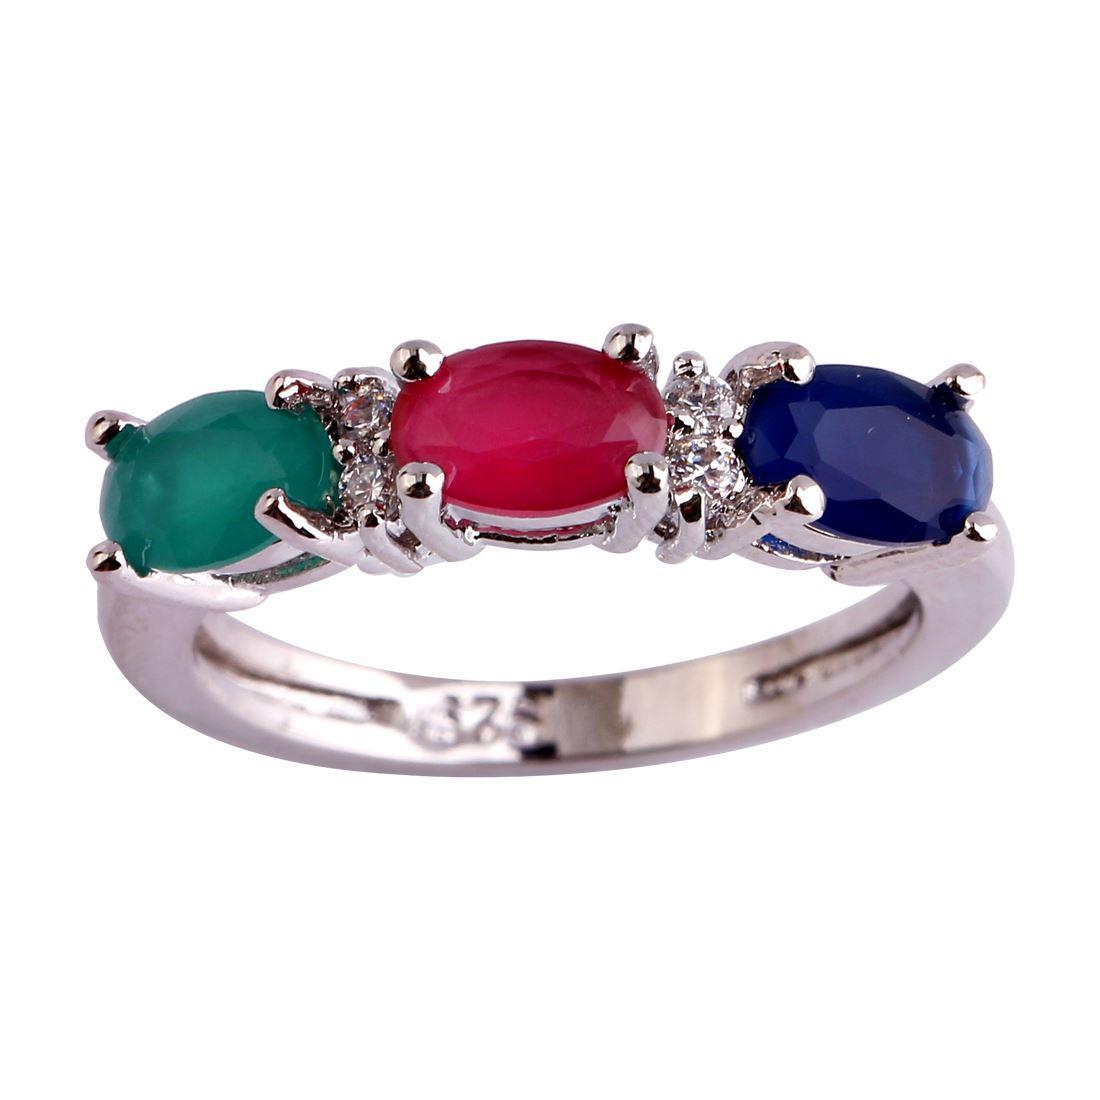 Jewelry Lab Ruby Emerald Sapphire 18K White Gold Plated Silver Fashion Ring Size 6 7 8 9 10 11 12 Commercio all'ingrosso libero di trasporto